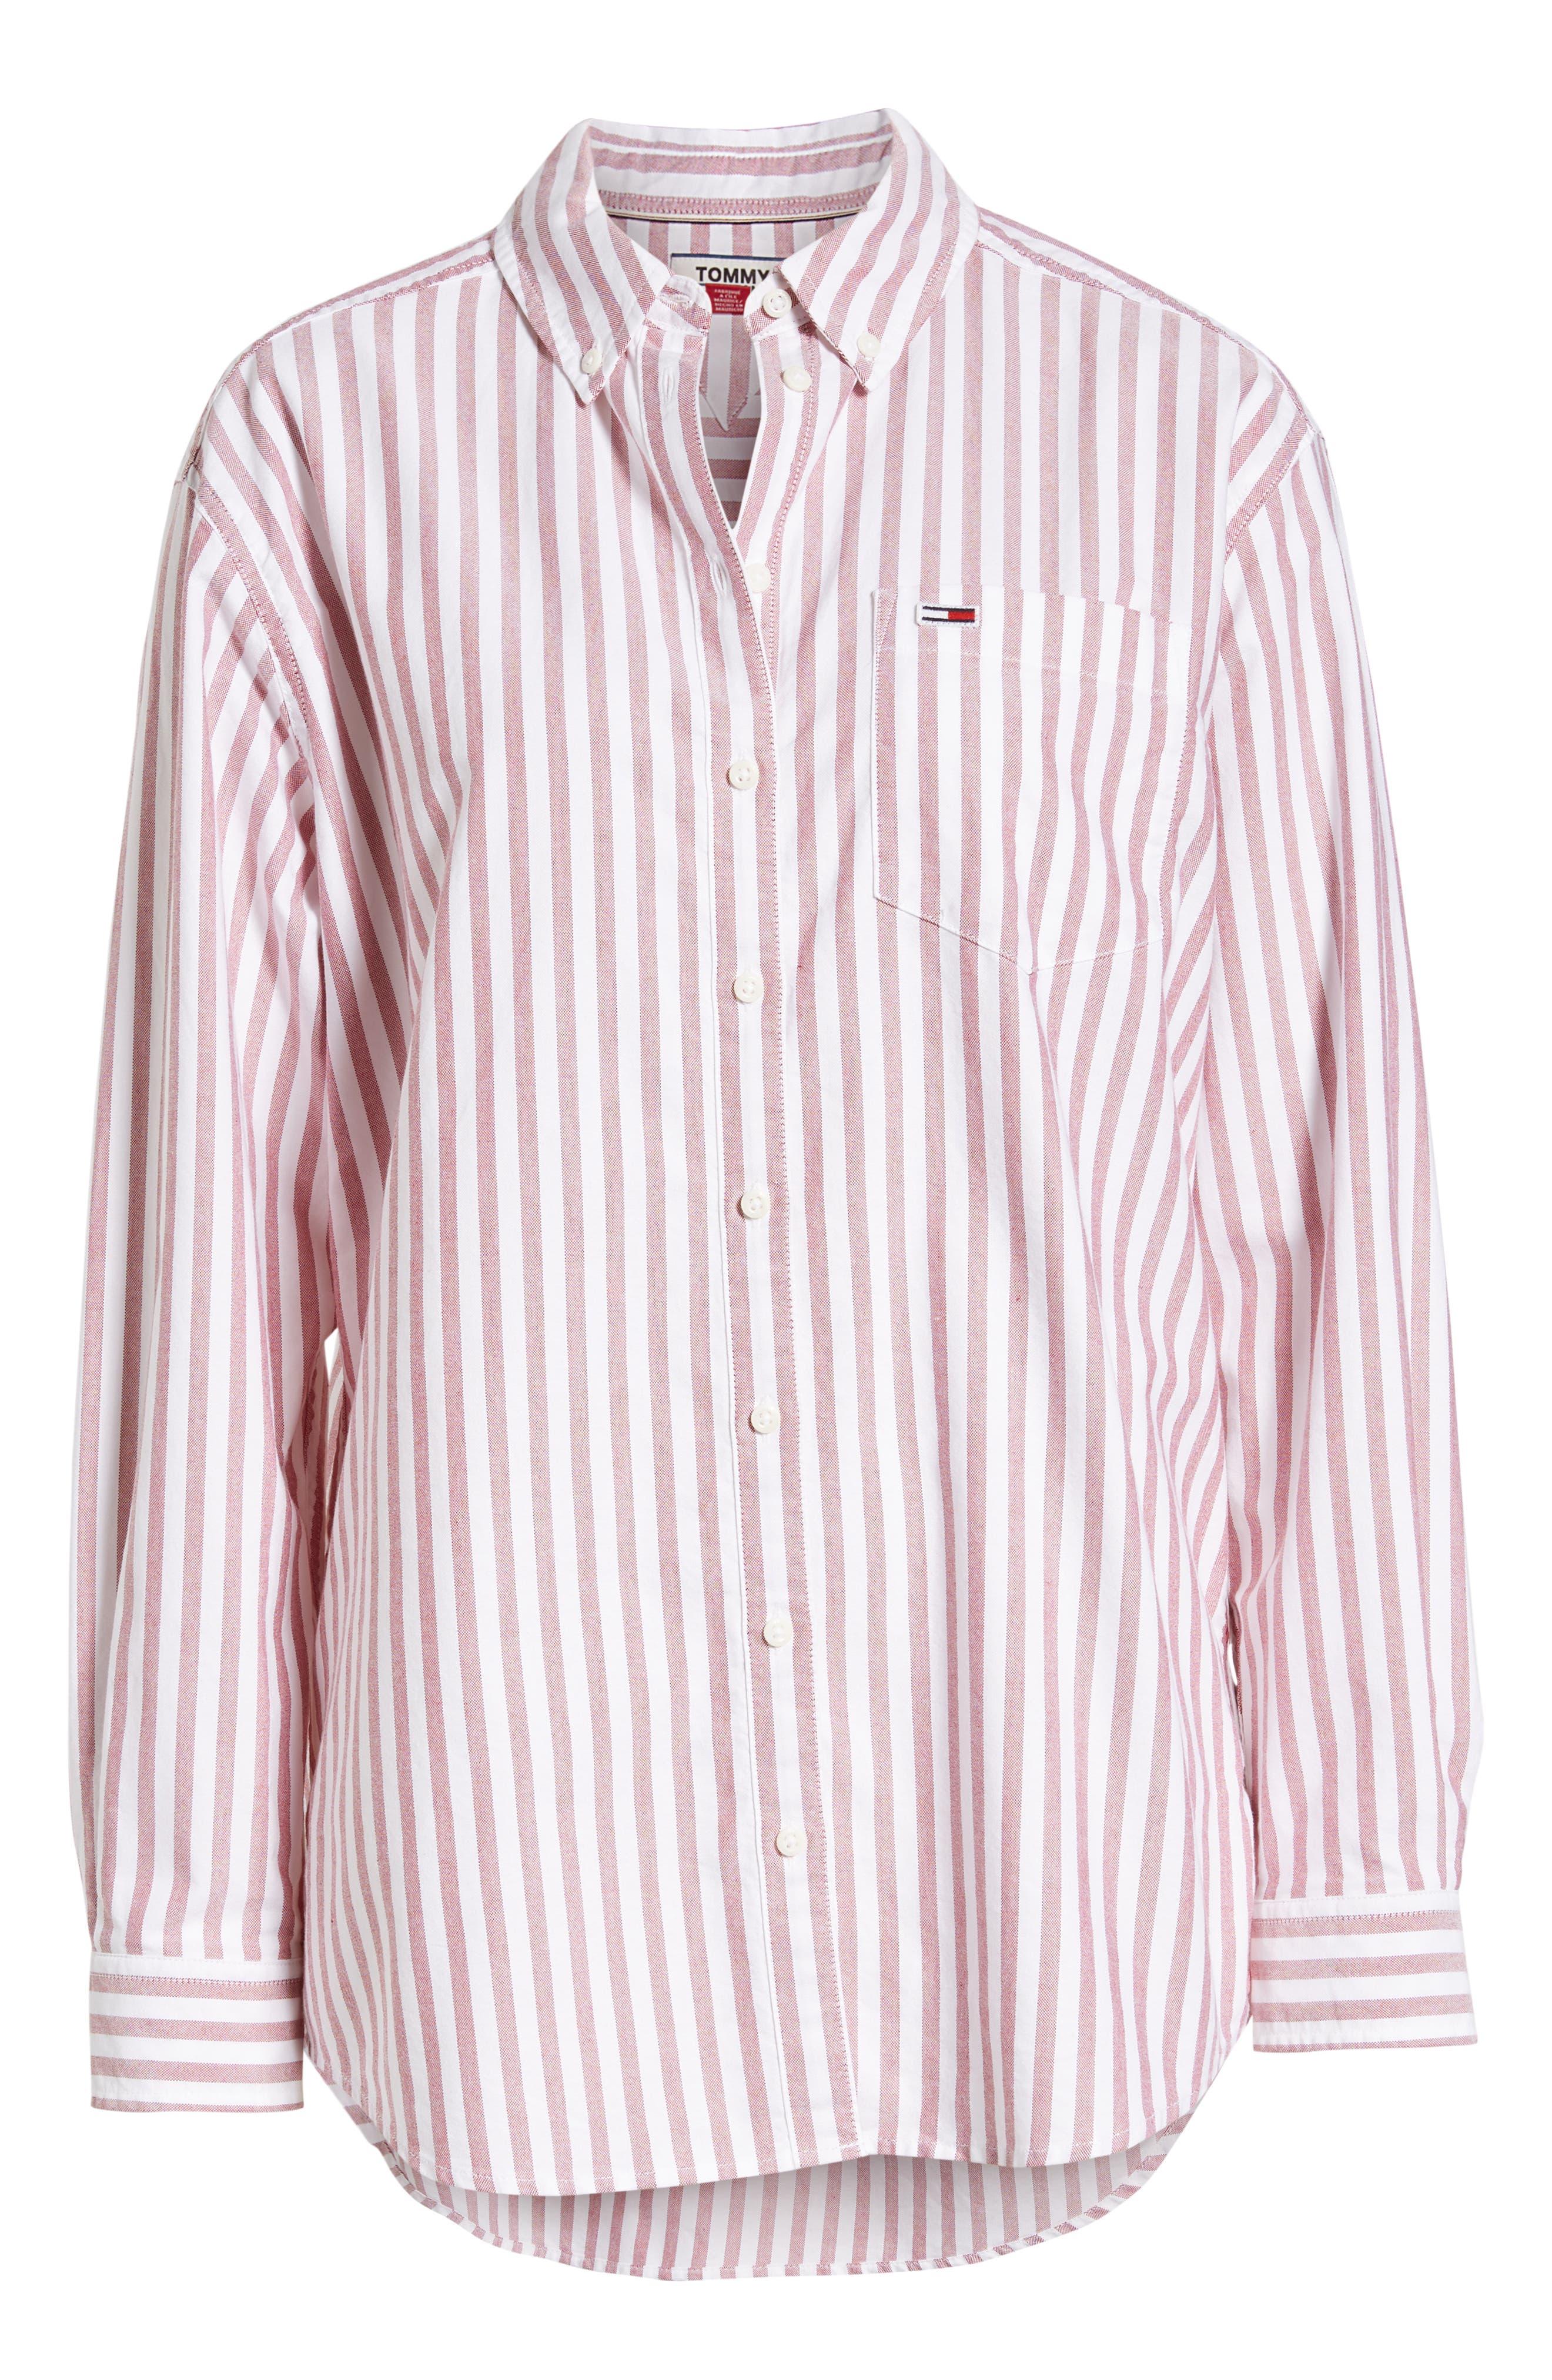 TJW Classics Stripe Shirt,                             Alternate thumbnail 6, color,                             RUMBA RED / BRIGHT WHITE